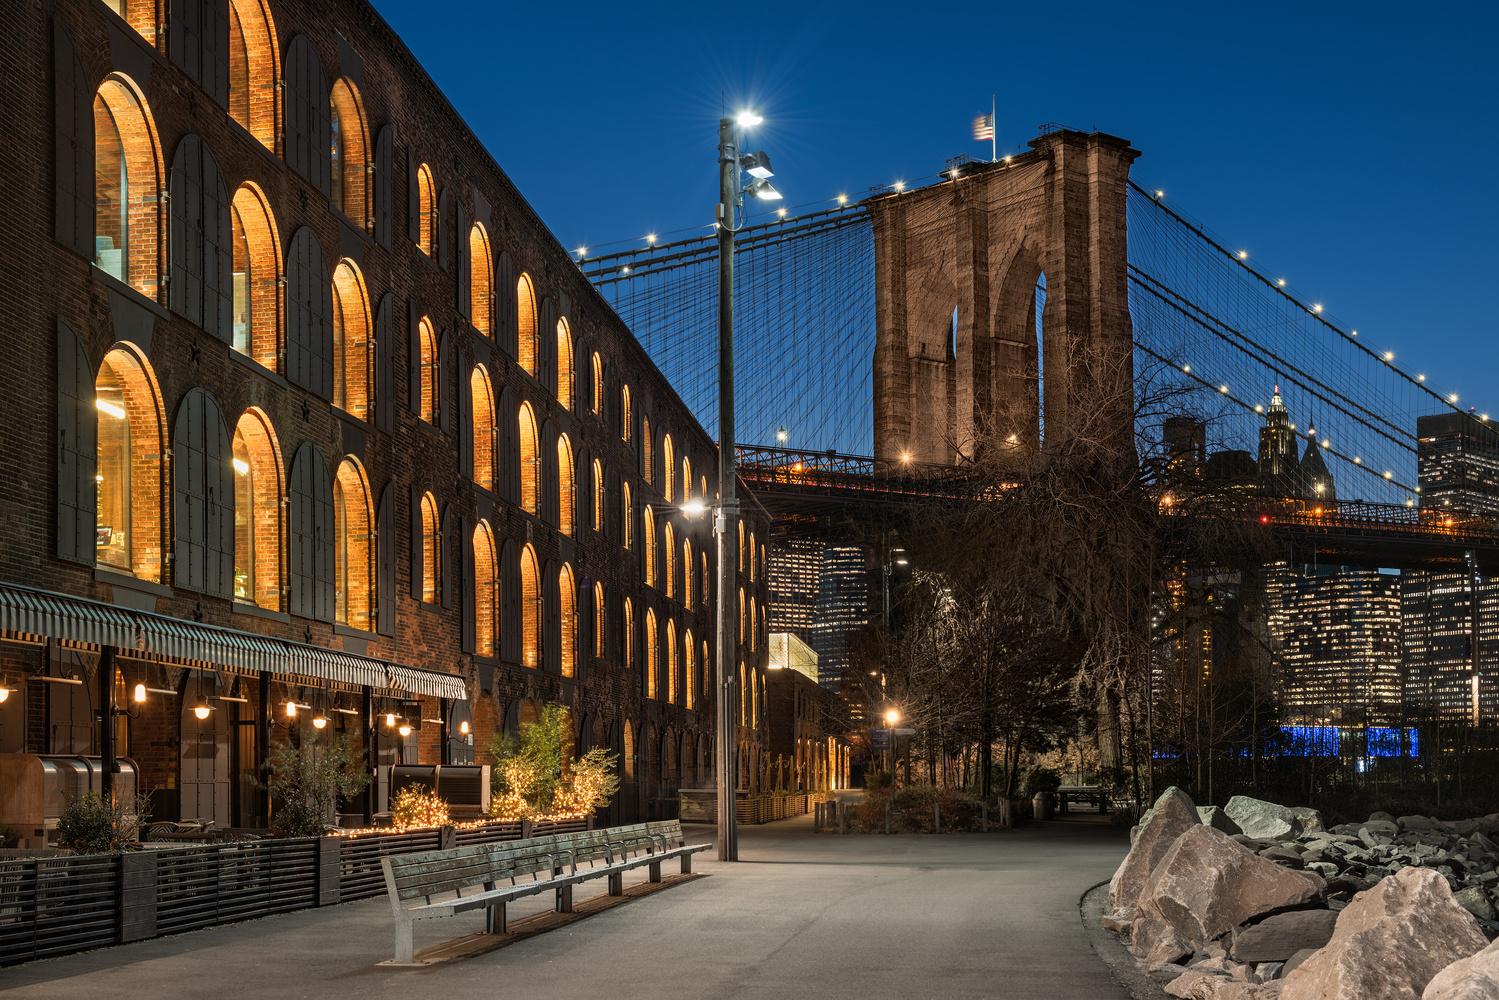 Brooklyn Cafes by Chris Ward